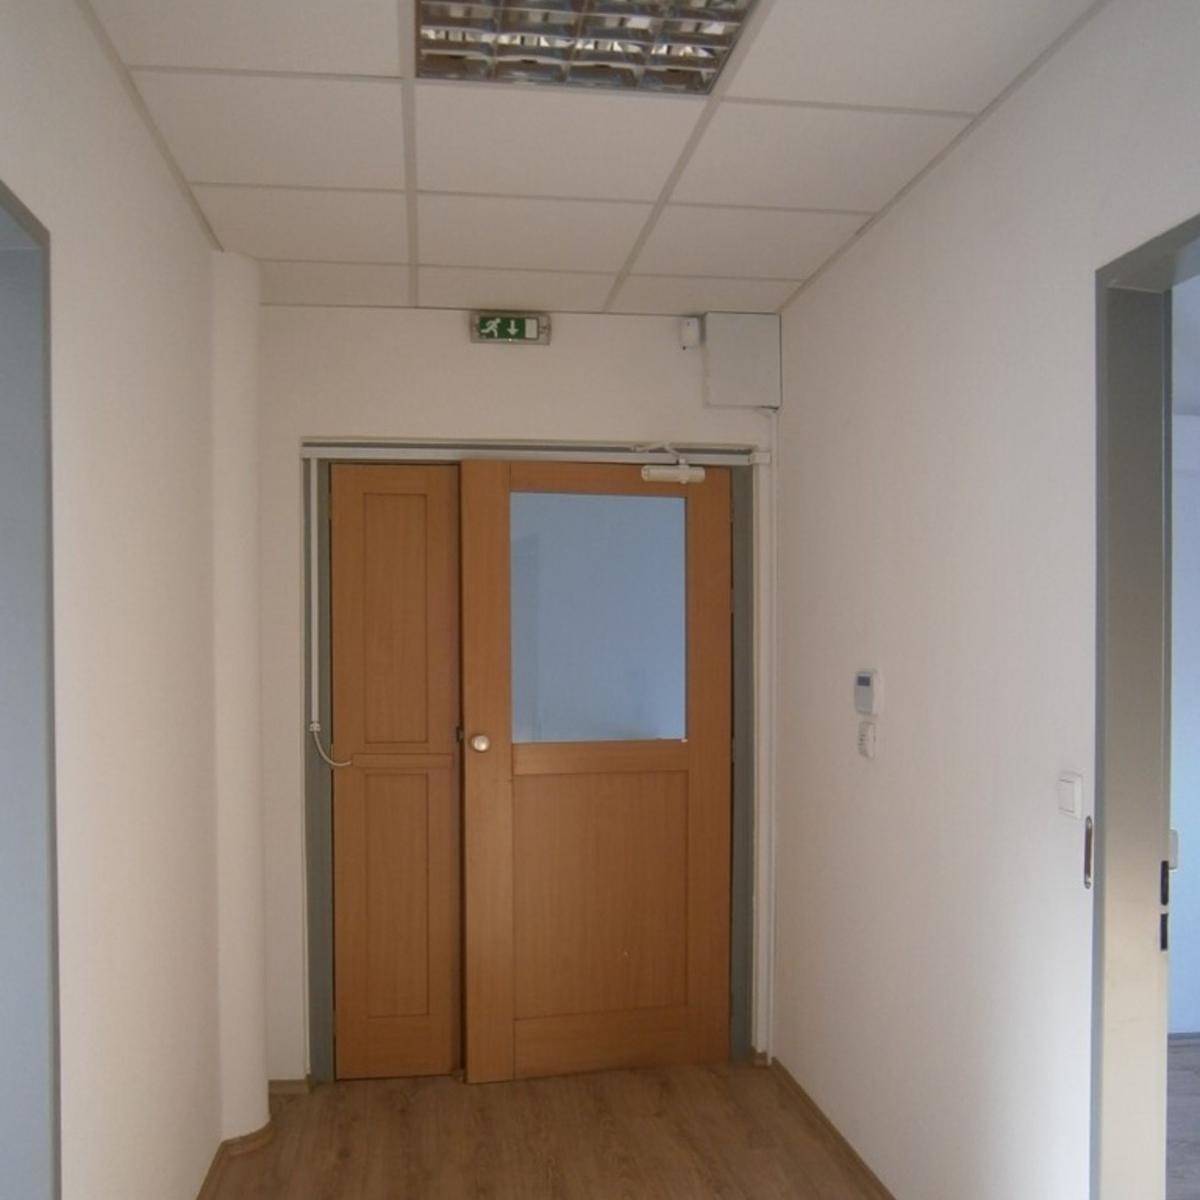 Kiadó  irodaházban B, B+ kat. (Budapest, XII. kerületBudapest, XII. kerület, Városmajor u.) 325,5 E  Ft/hó +ÁFA